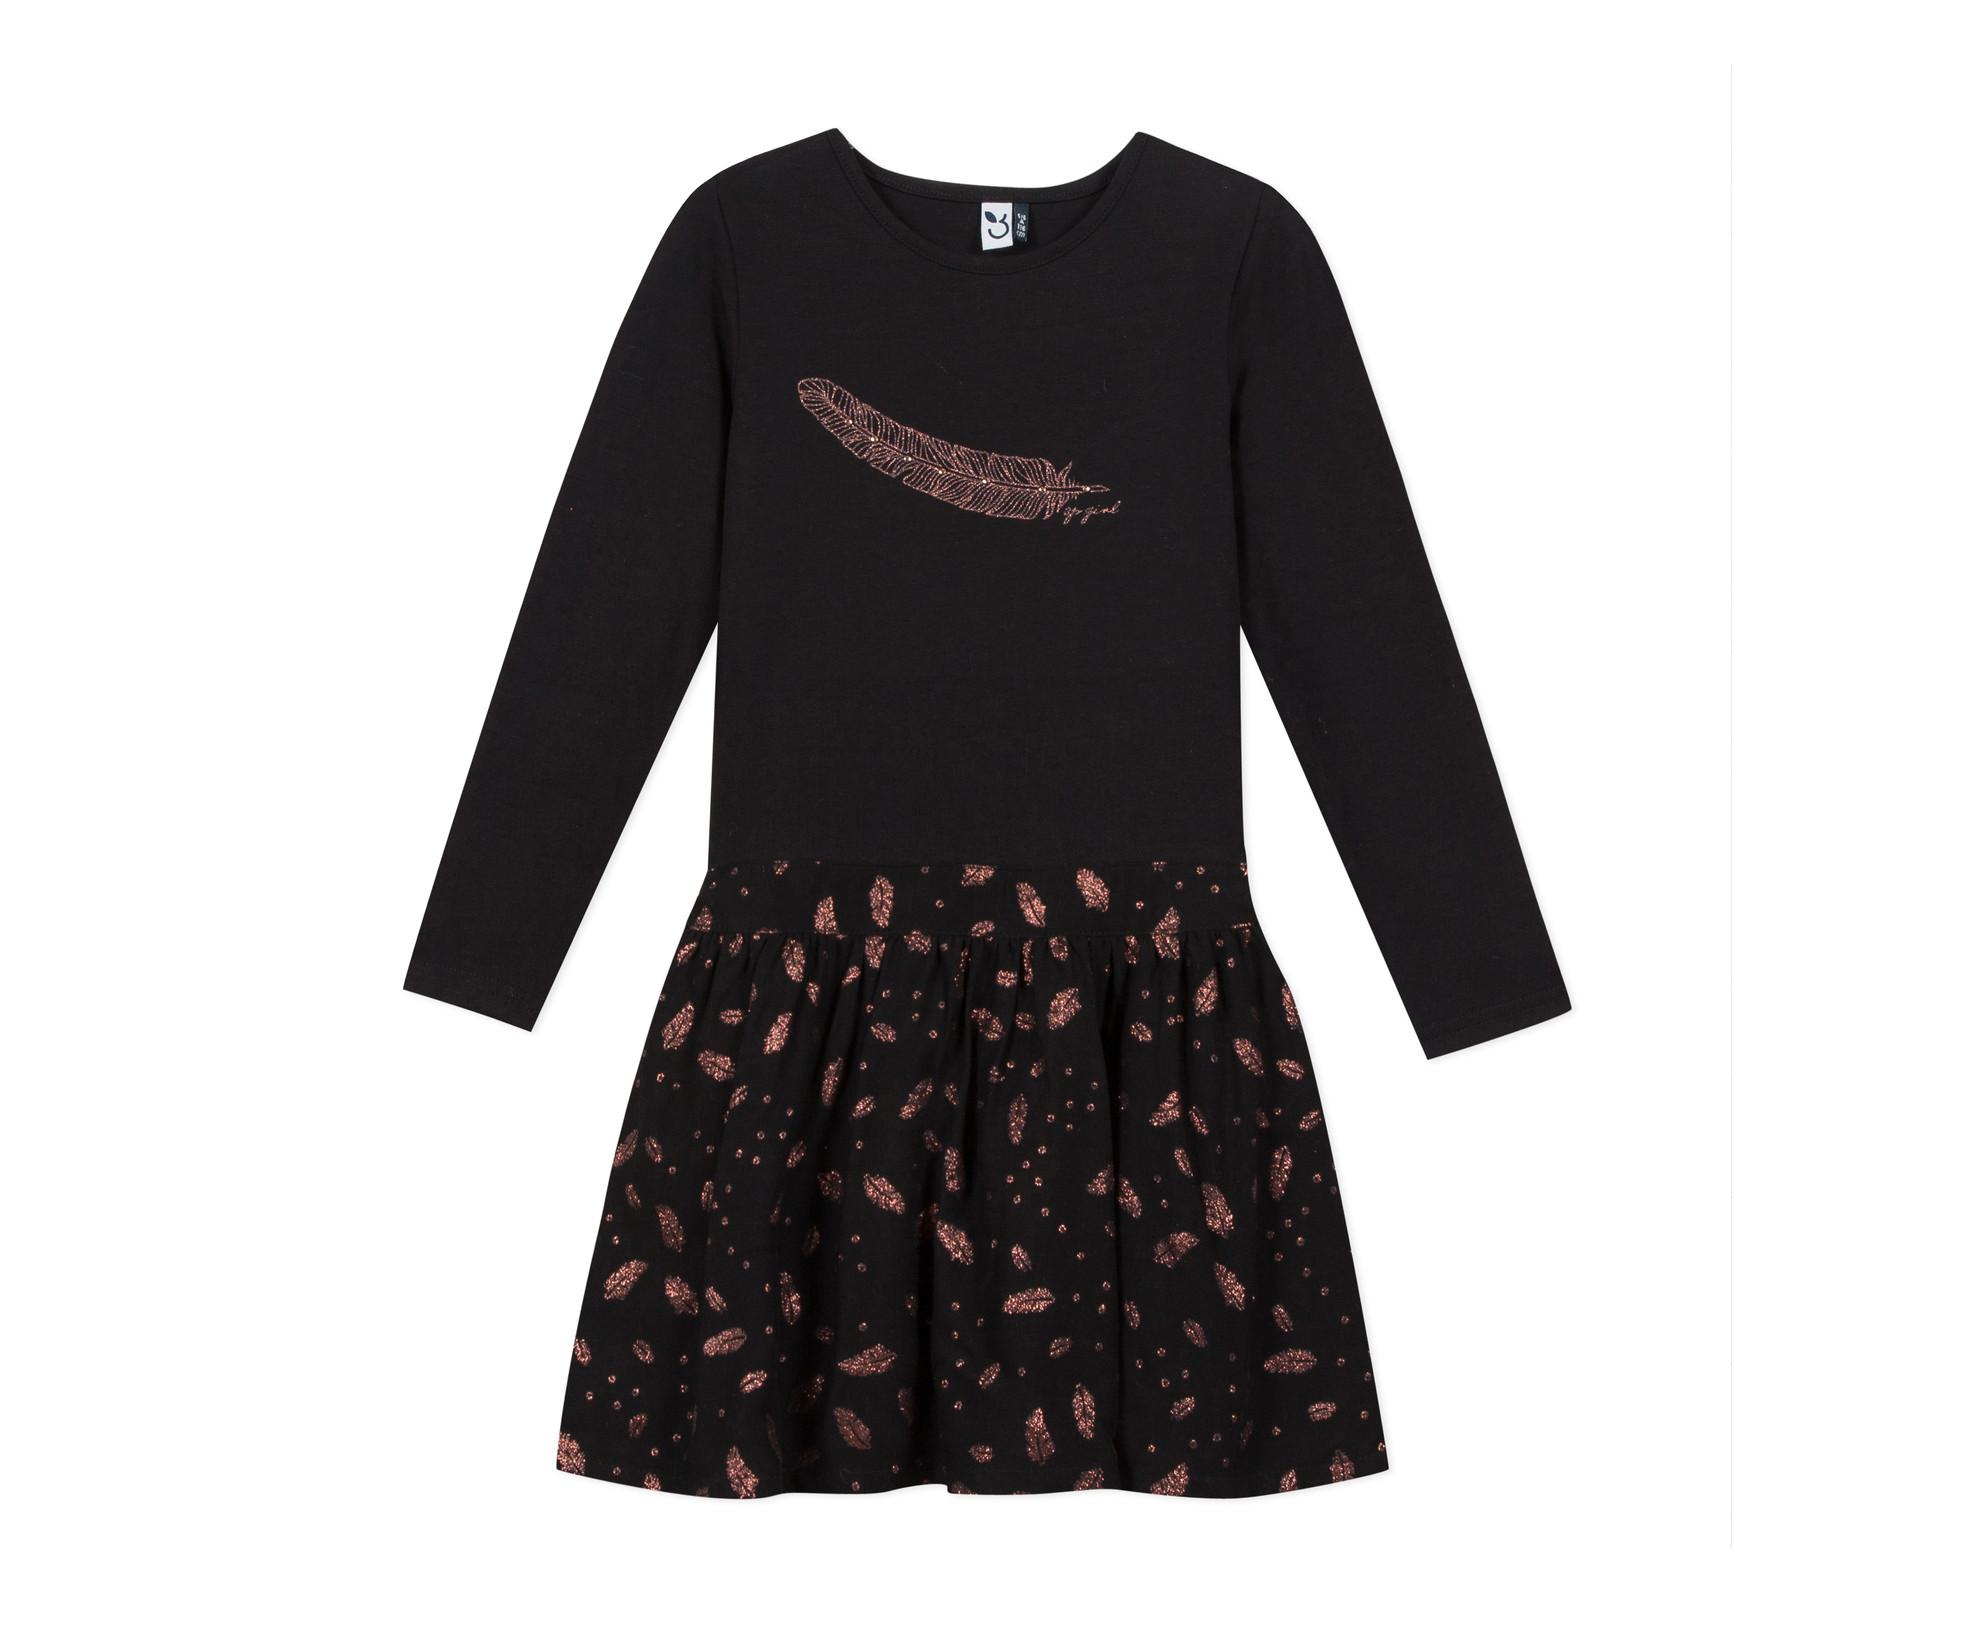 Детска рокля с дълъг ръкав 3Pommes 3P30154-02, за възраст 3-12 г.